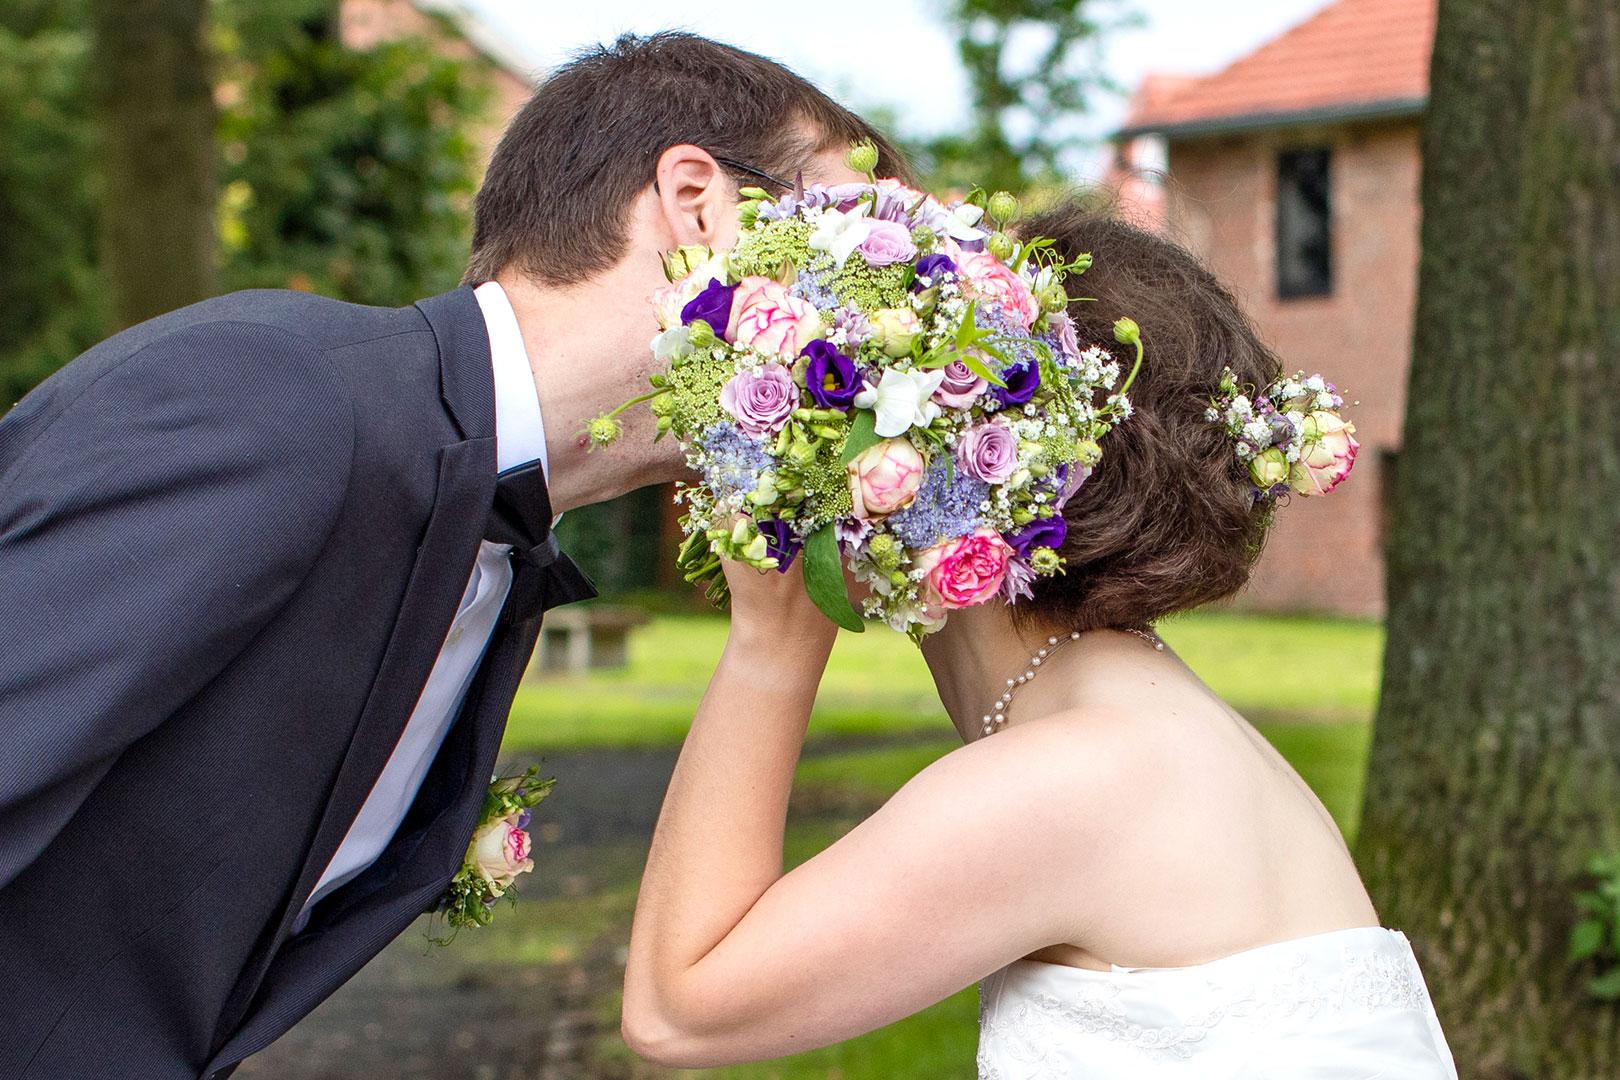 Hochzeitsfotografie: Hochzeitspaar mit Brautstrauss | Foto: Dieter Eikenberg, imprints